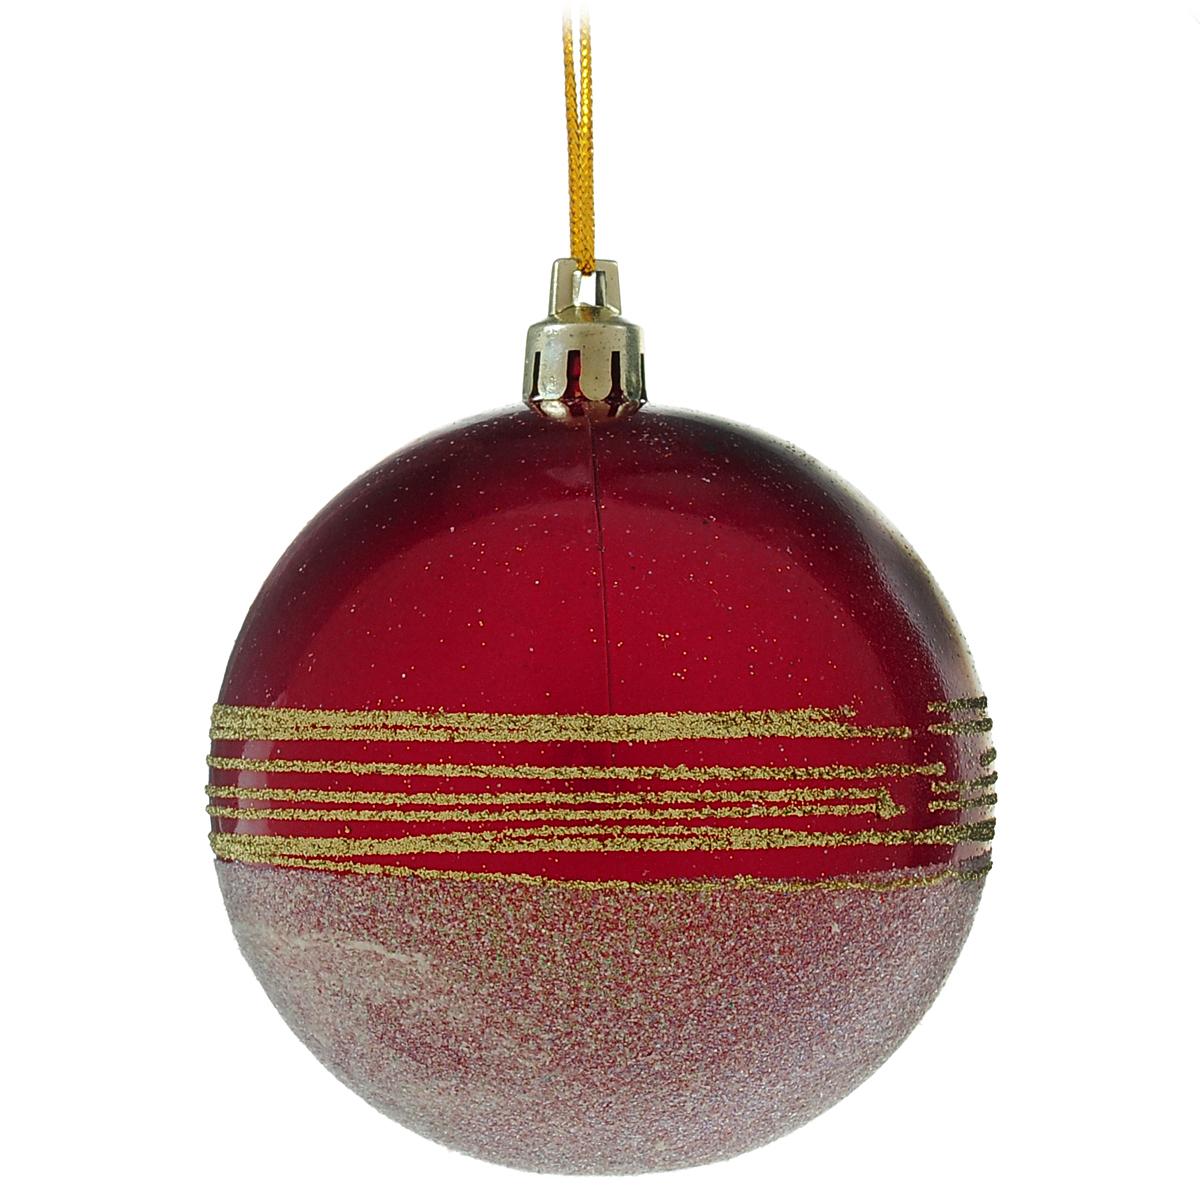 Новогоднее подвесное украшение Шар. DB13056DB13056Новогоднее подвесное украшение Шар выполнено из высококачественного пластика и декорировано блестками. С помощью специальной текстильной петельки украшение можно повесить в любом понравившемся вам месте. Но, конечно, удачнее всего такой шар будет смотреться на праздничной елке. Елочная игрушка - символ Нового года. Она несет в себе волшебство и красоту праздника. Создайте в своем доме атмосферу веселья и радости, украшая новогоднюю елку нарядными игрушками, которые будут из года в год накапливать теплоту воспоминаний.